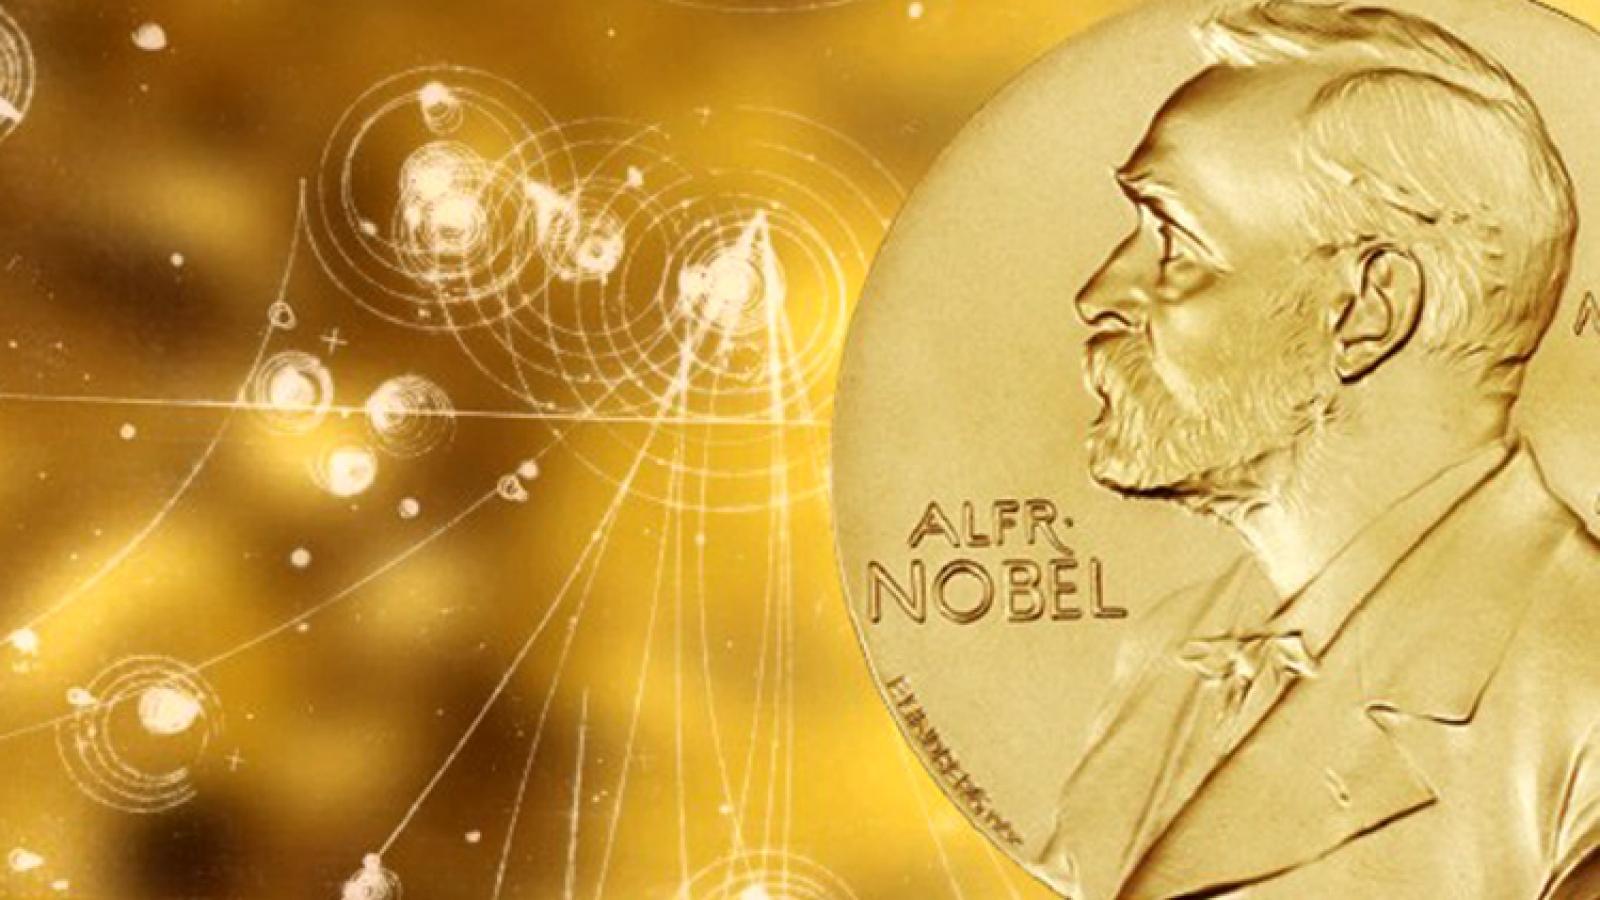 Nobel Vật lý 2020 thuộc về 3 nhà khoa học nghiên cứu về vũ trụ Anh-Đức-Mỹ